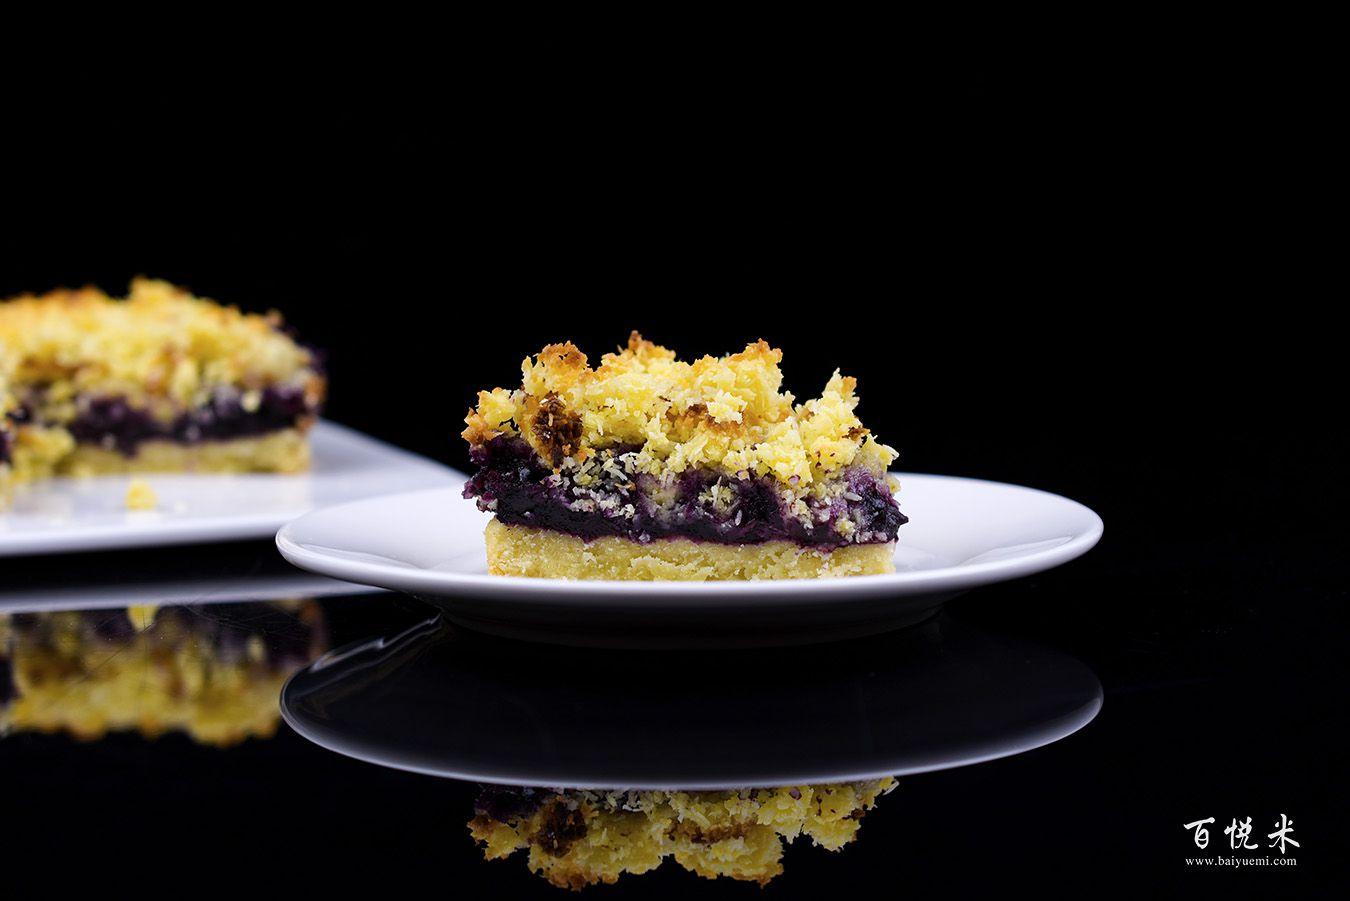 蓝莓酥粒小方块高清图片大全【蛋糕图片】_1203